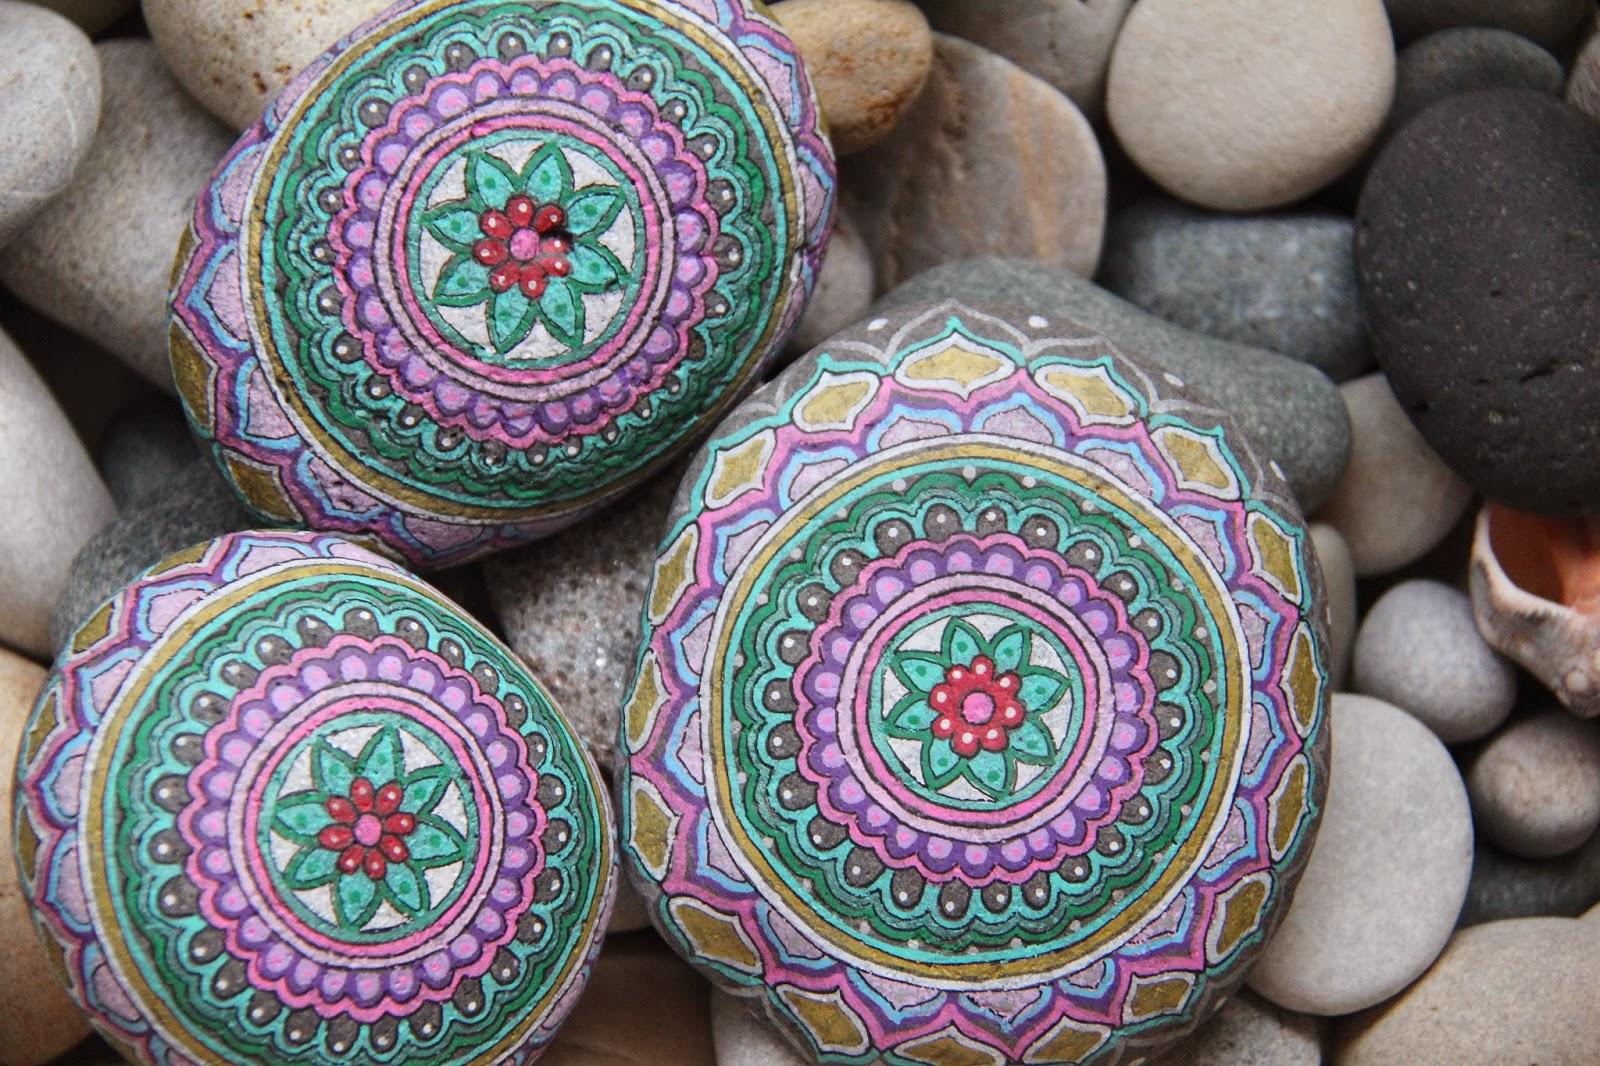 Nueve pinceladas de como lleg a m una piedra y su for Como pintar piedras